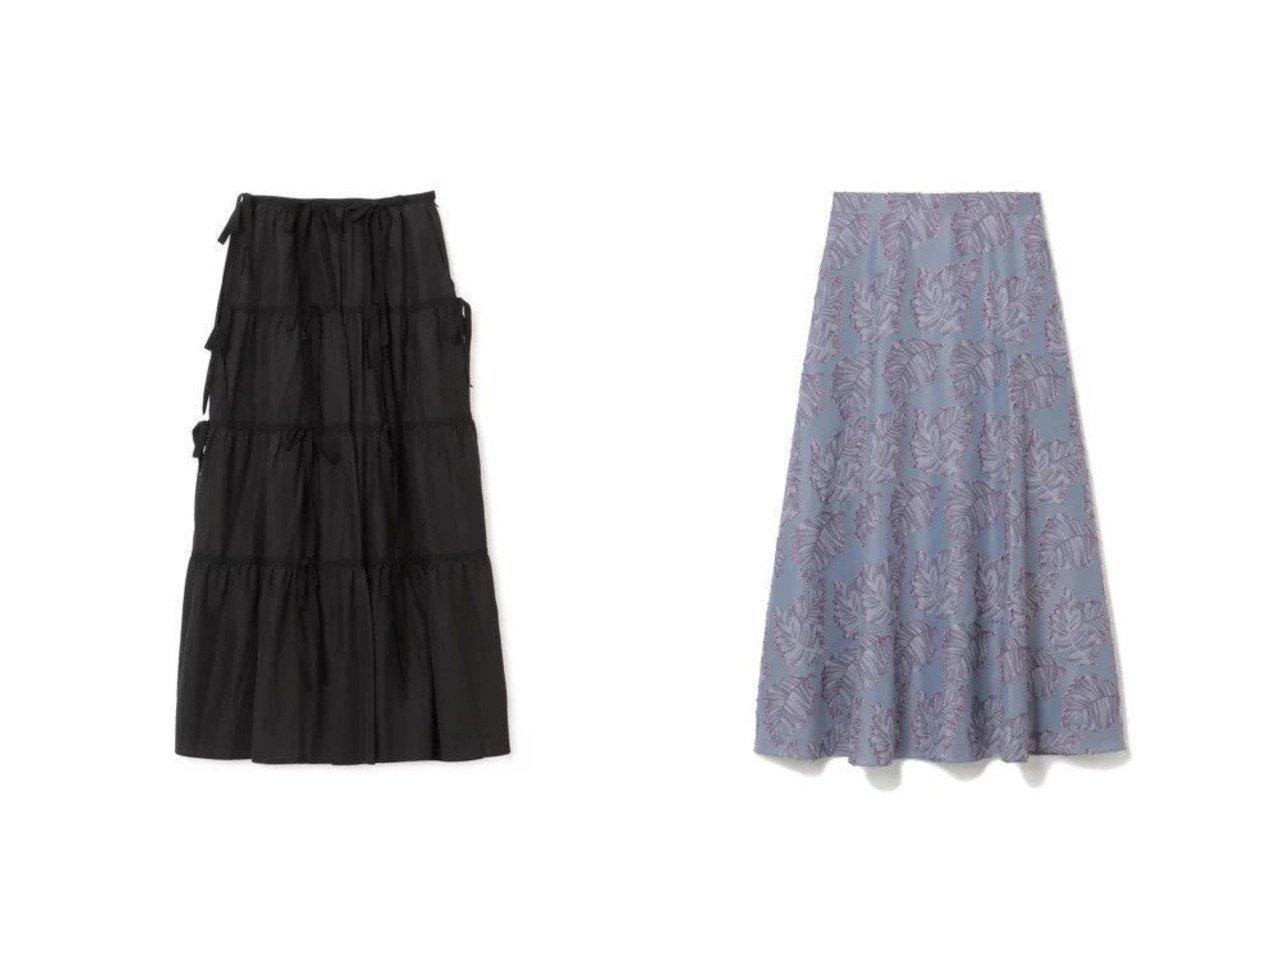 【LOKITHO/ロキト】のRIBBON SKIRT&【M7days/エムセブンデイズ】のリーフジャカードスカート スカートのおすすめ!人気、トレンド・レディースファッションの通販  おすすめで人気の流行・トレンド、ファッションの通販商品 メンズファッション・キッズファッション・インテリア・家具・レディースファッション・服の通販 founy(ファニー) https://founy.com/ ファッション Fashion レディースファッション WOMEN スカート Skirt 2021年 2021 2021 春夏 S/S SS Spring/Summer 2021 S/S 春夏 SS Spring/Summer マキシ リネン リボン ロング ジャカード フレア プリント ボタニカル 洗える |ID:crp329100000009737